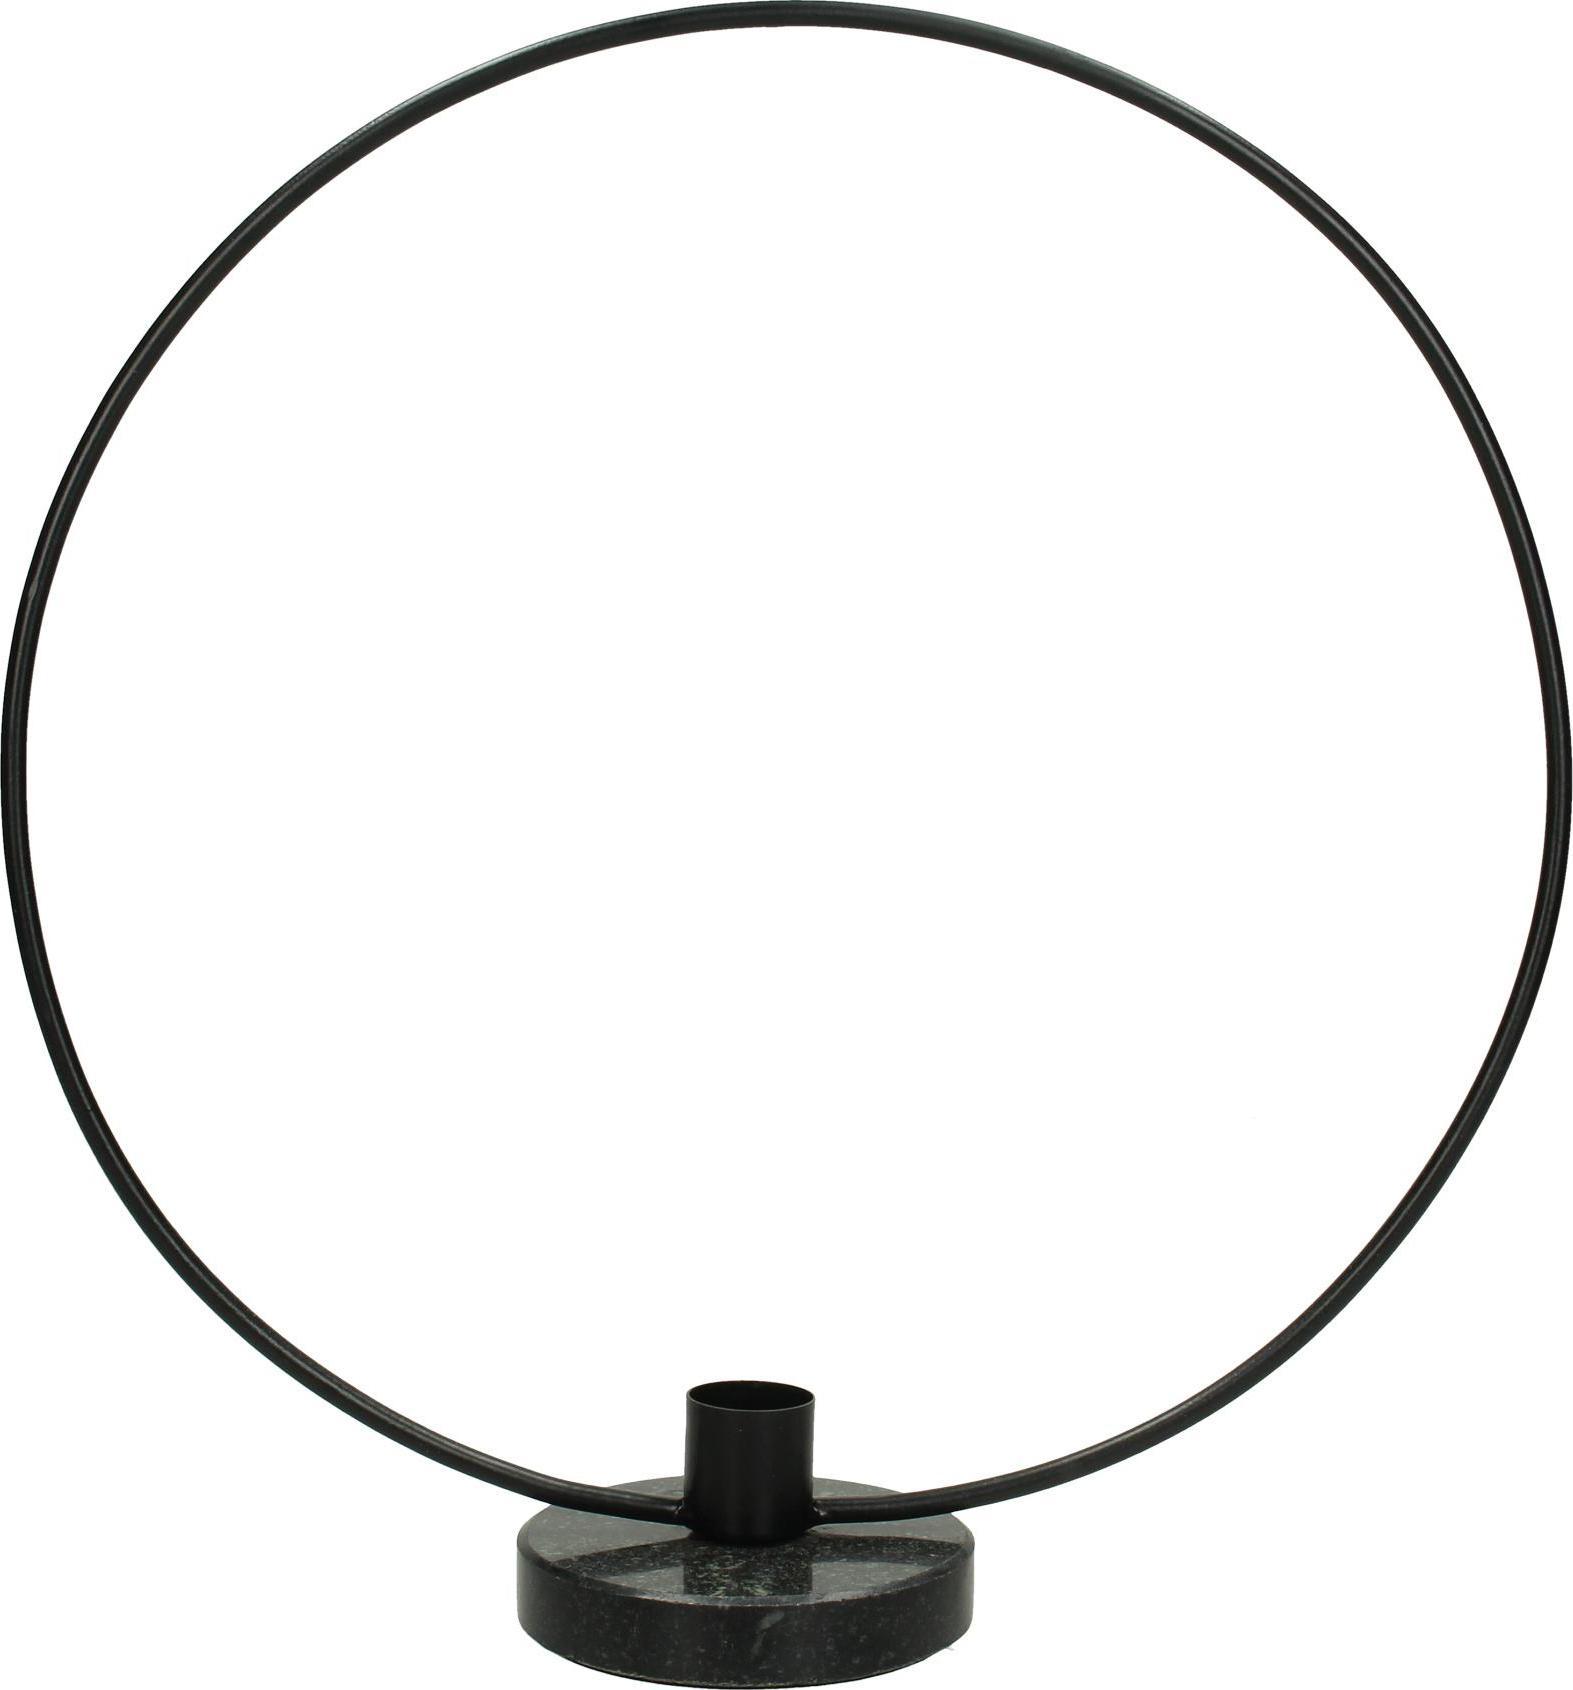 Świecznik Wrights, Metal powlekany, Czarny, S 28 x W 30 cm